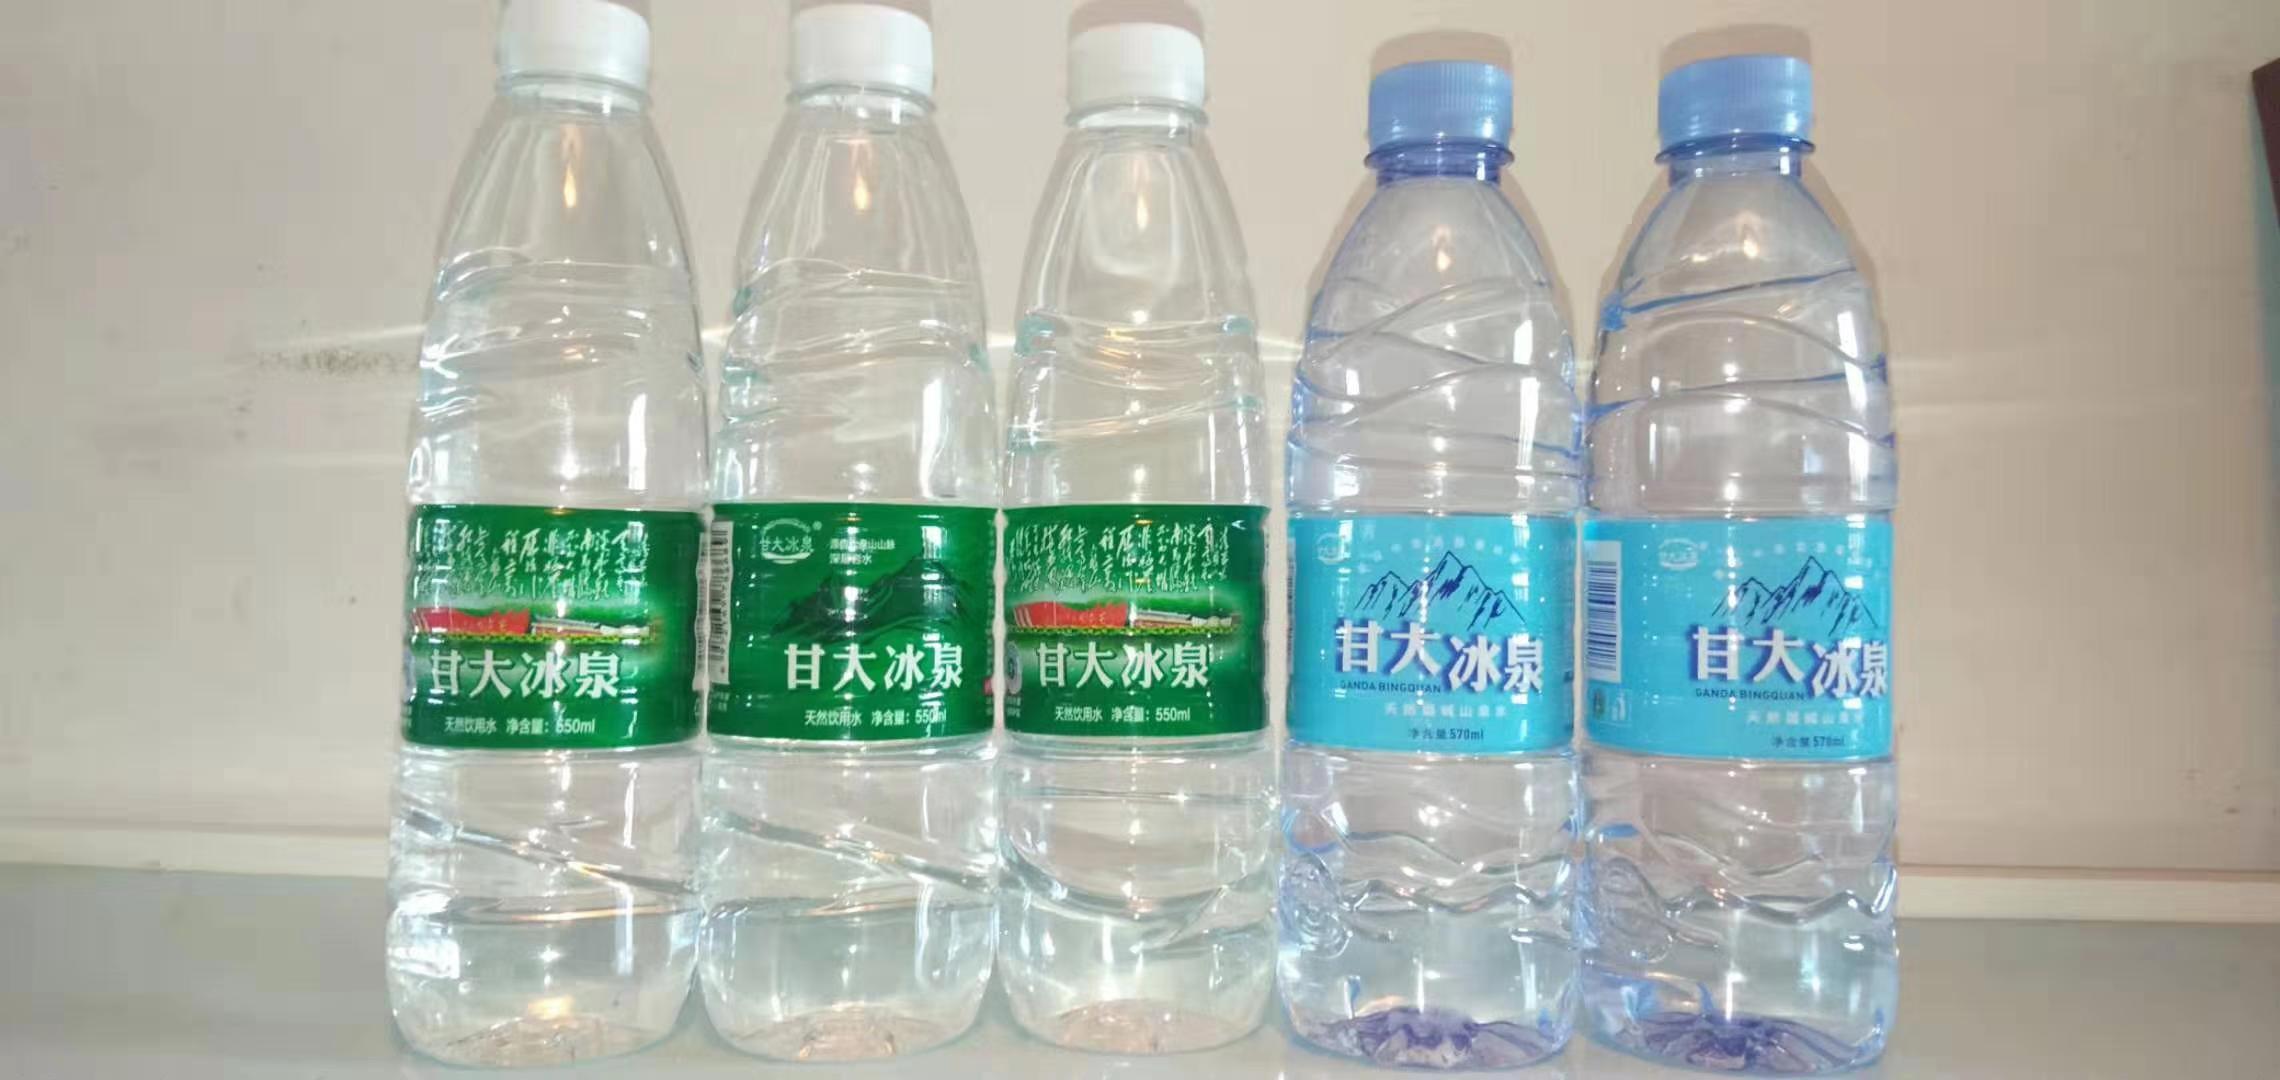 礦泉水代理加盟-西安哪里有劃算的甘大/冰泉礦泉水供應